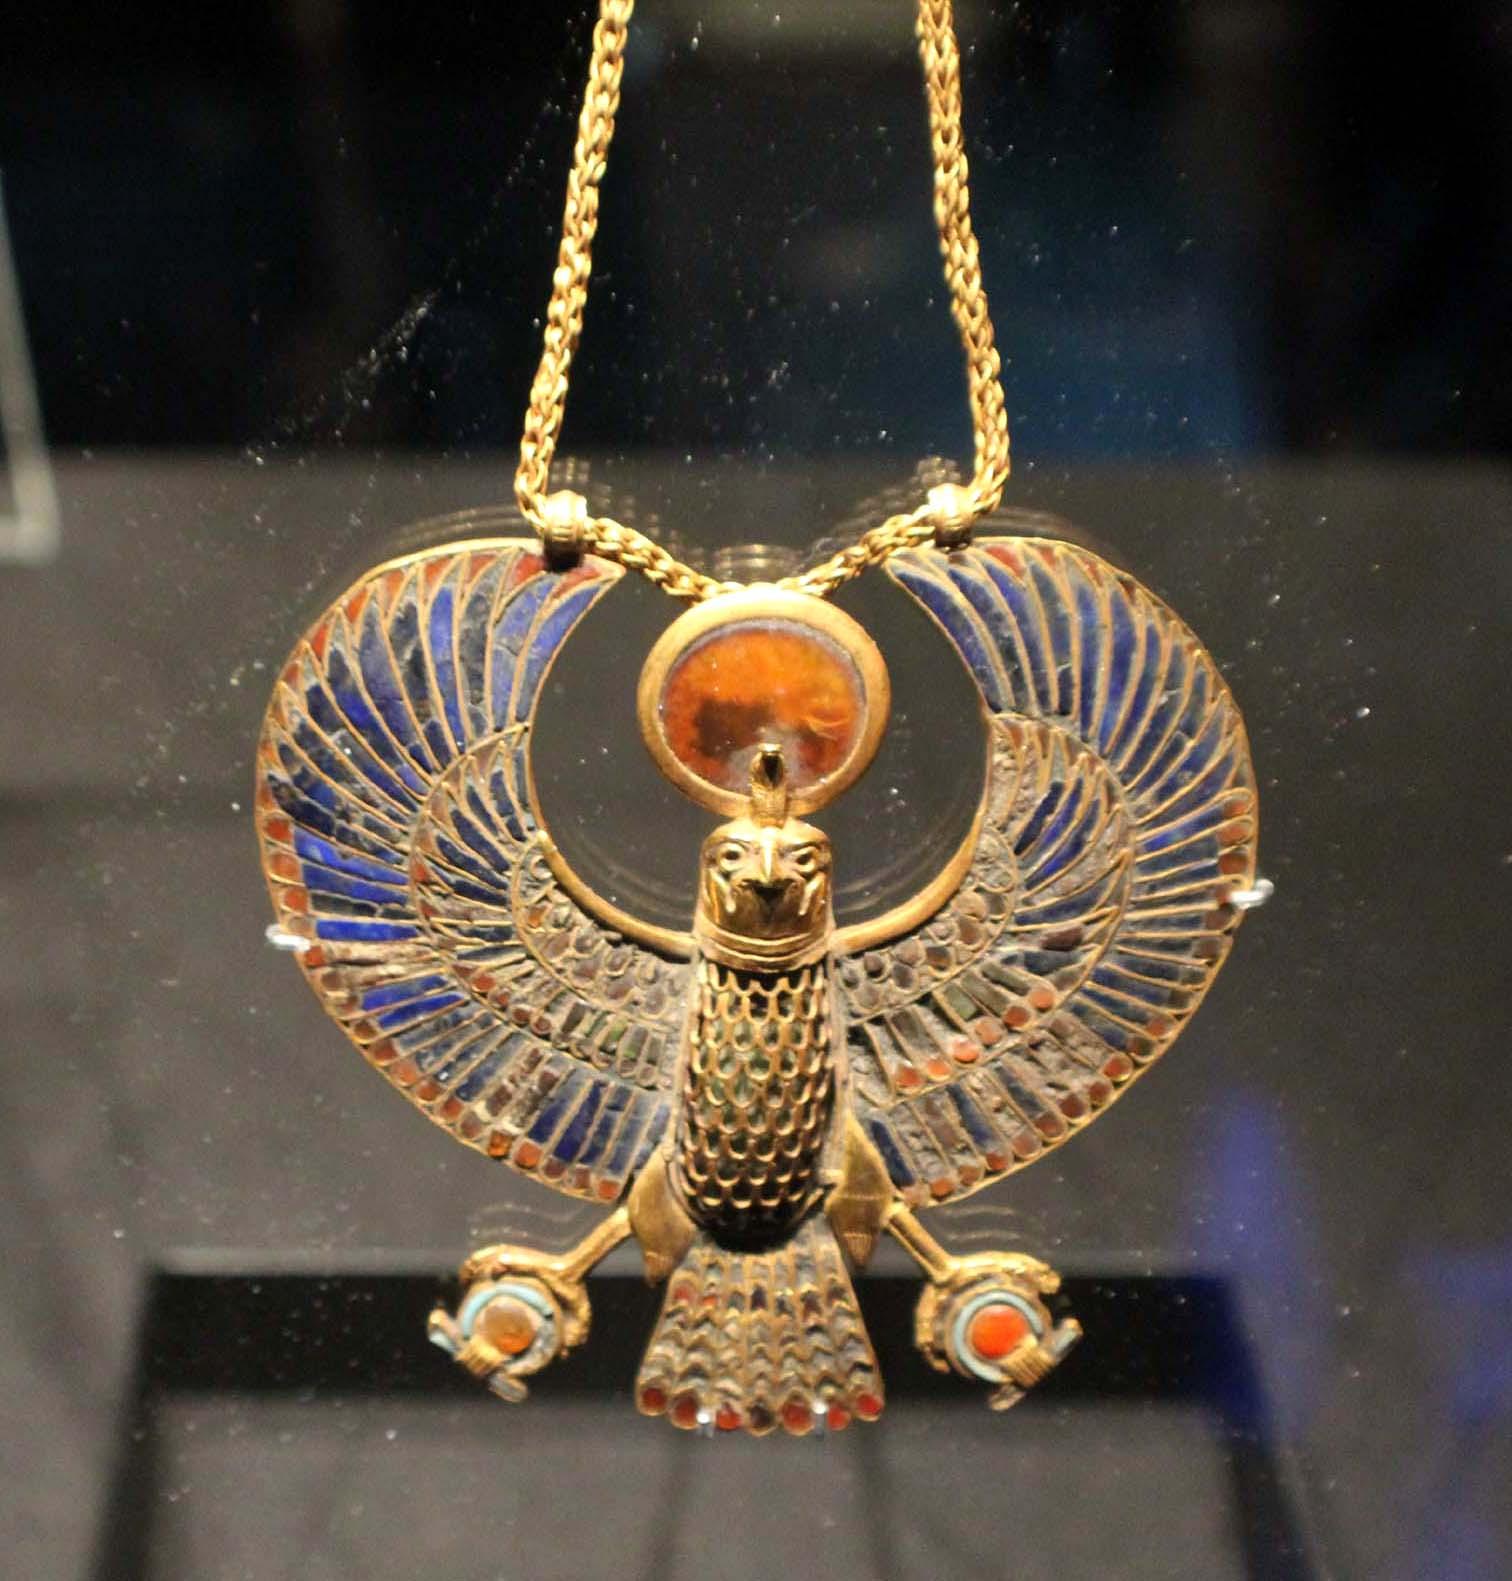 BK Publishing: Discover King Tutankhamun's treasures |King Tut And His Treasures